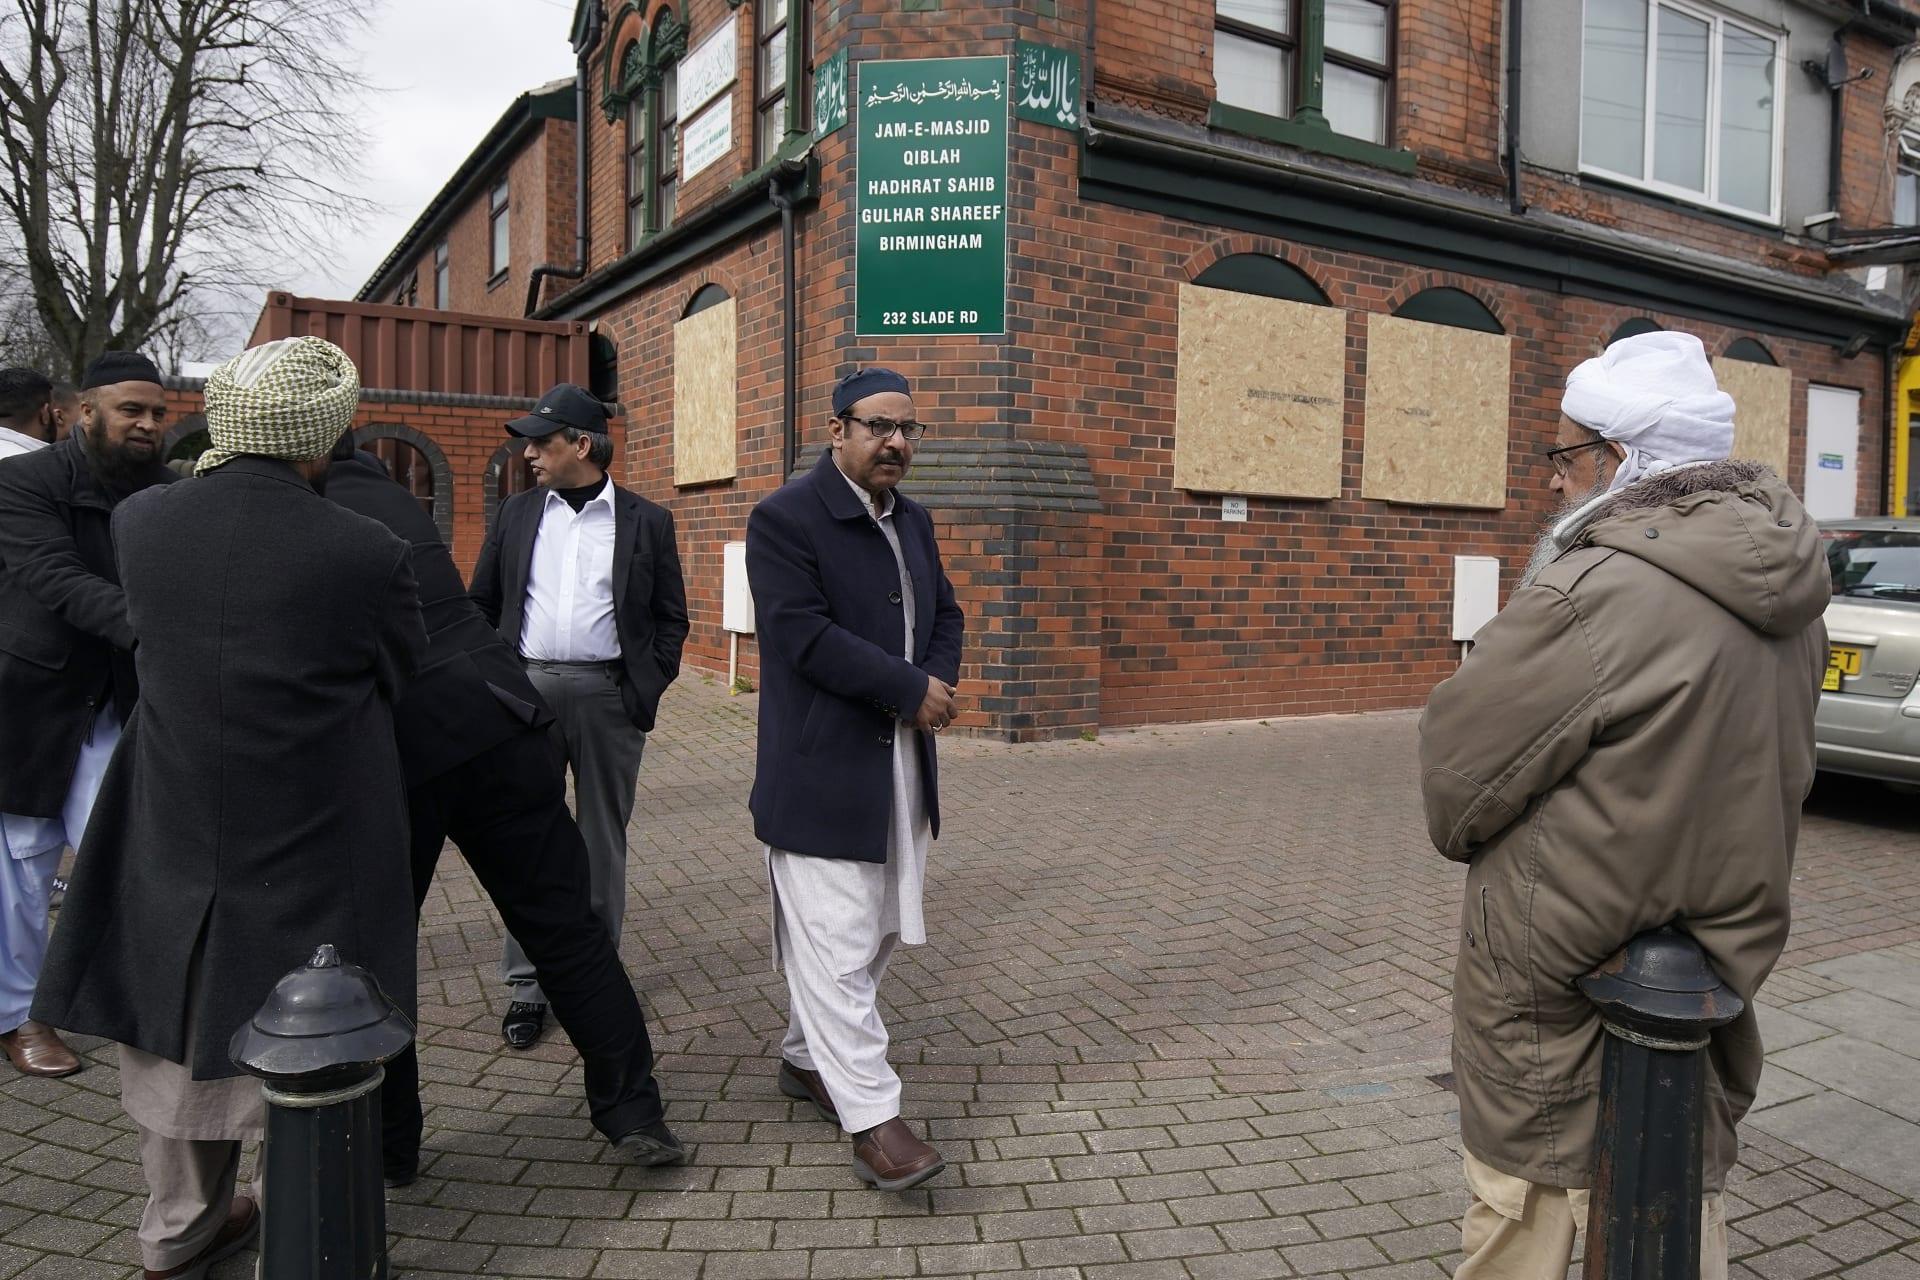 الشرطة البريطانية تحقق في اعتداء على 4 مساجد.. ومجلس مساجد برمنغهام: نشعر بالفزع